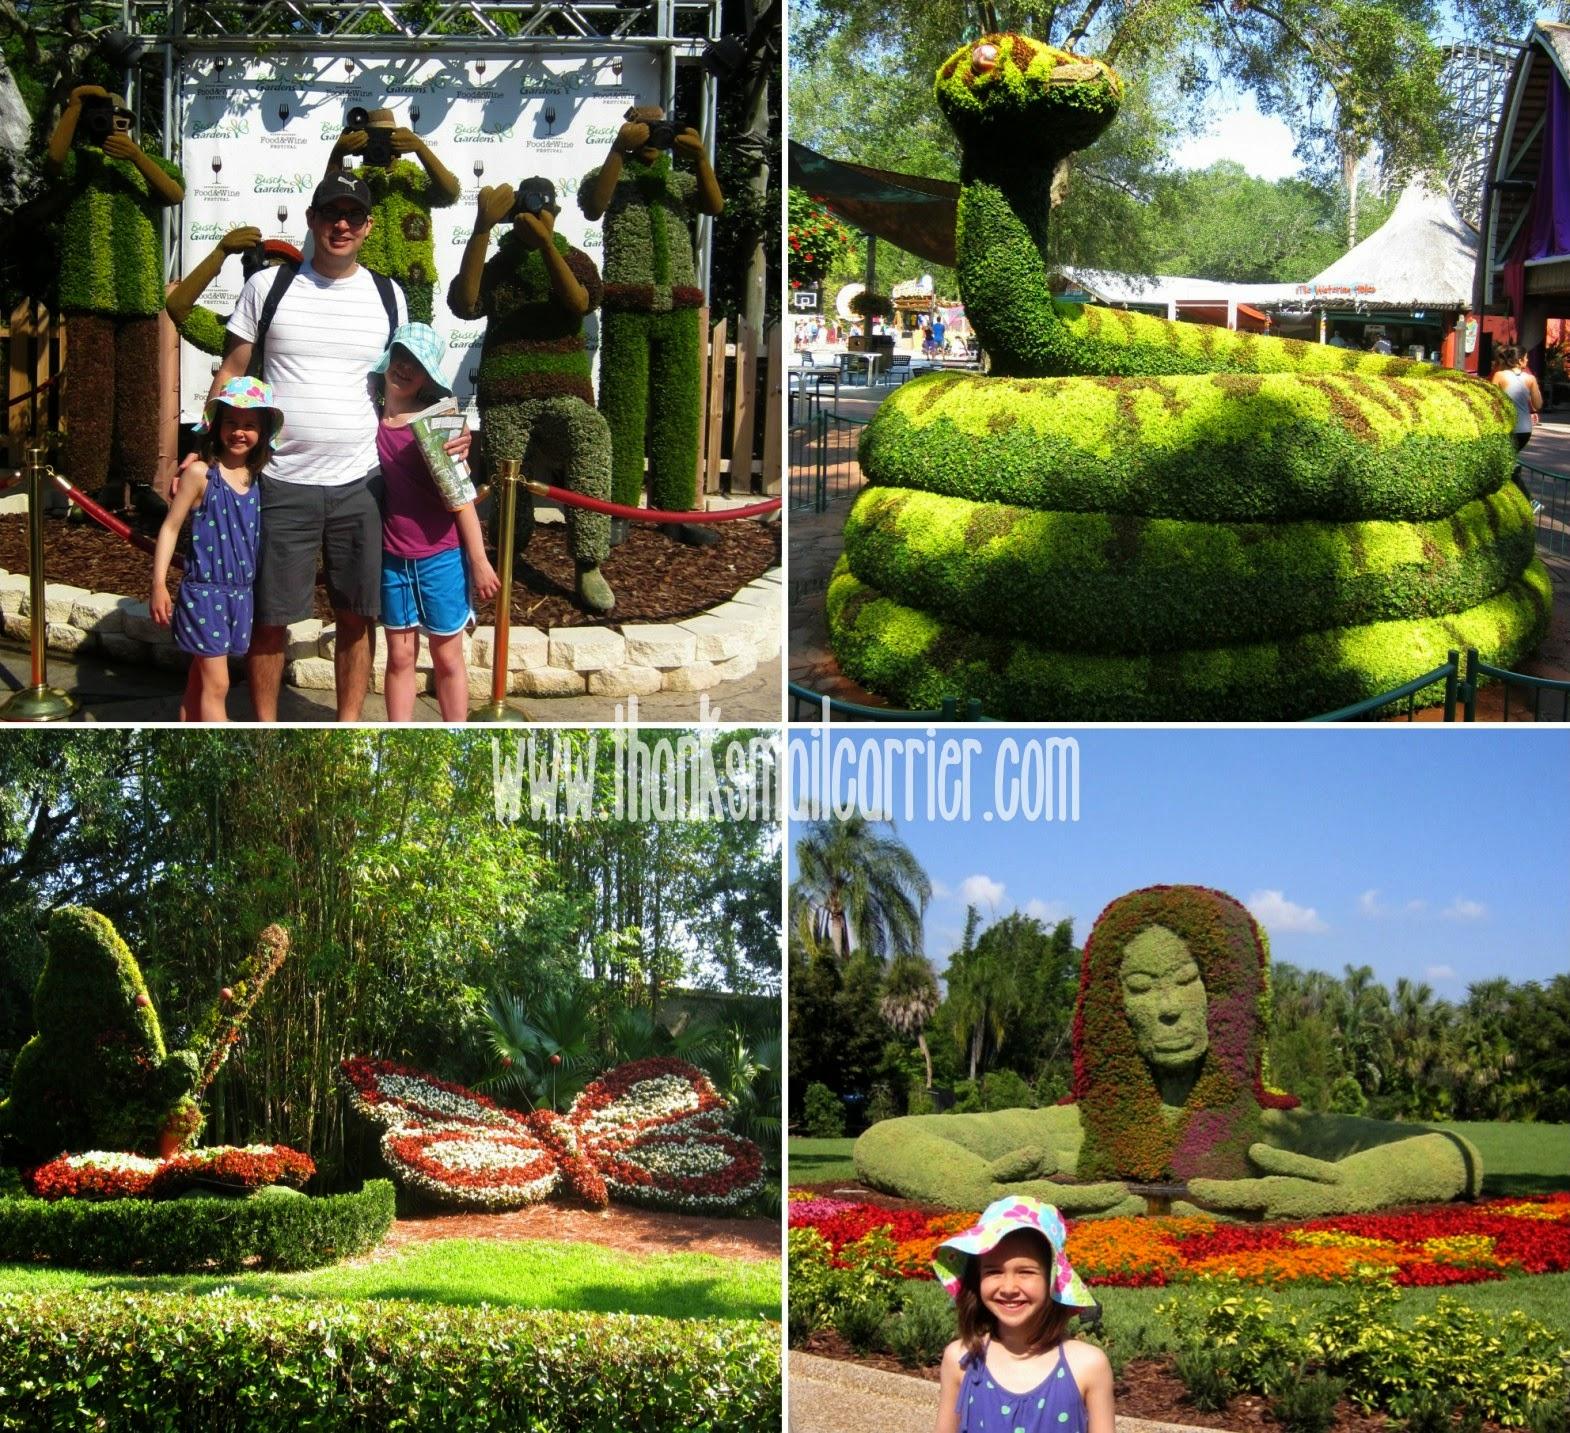 Busch Gardens plants